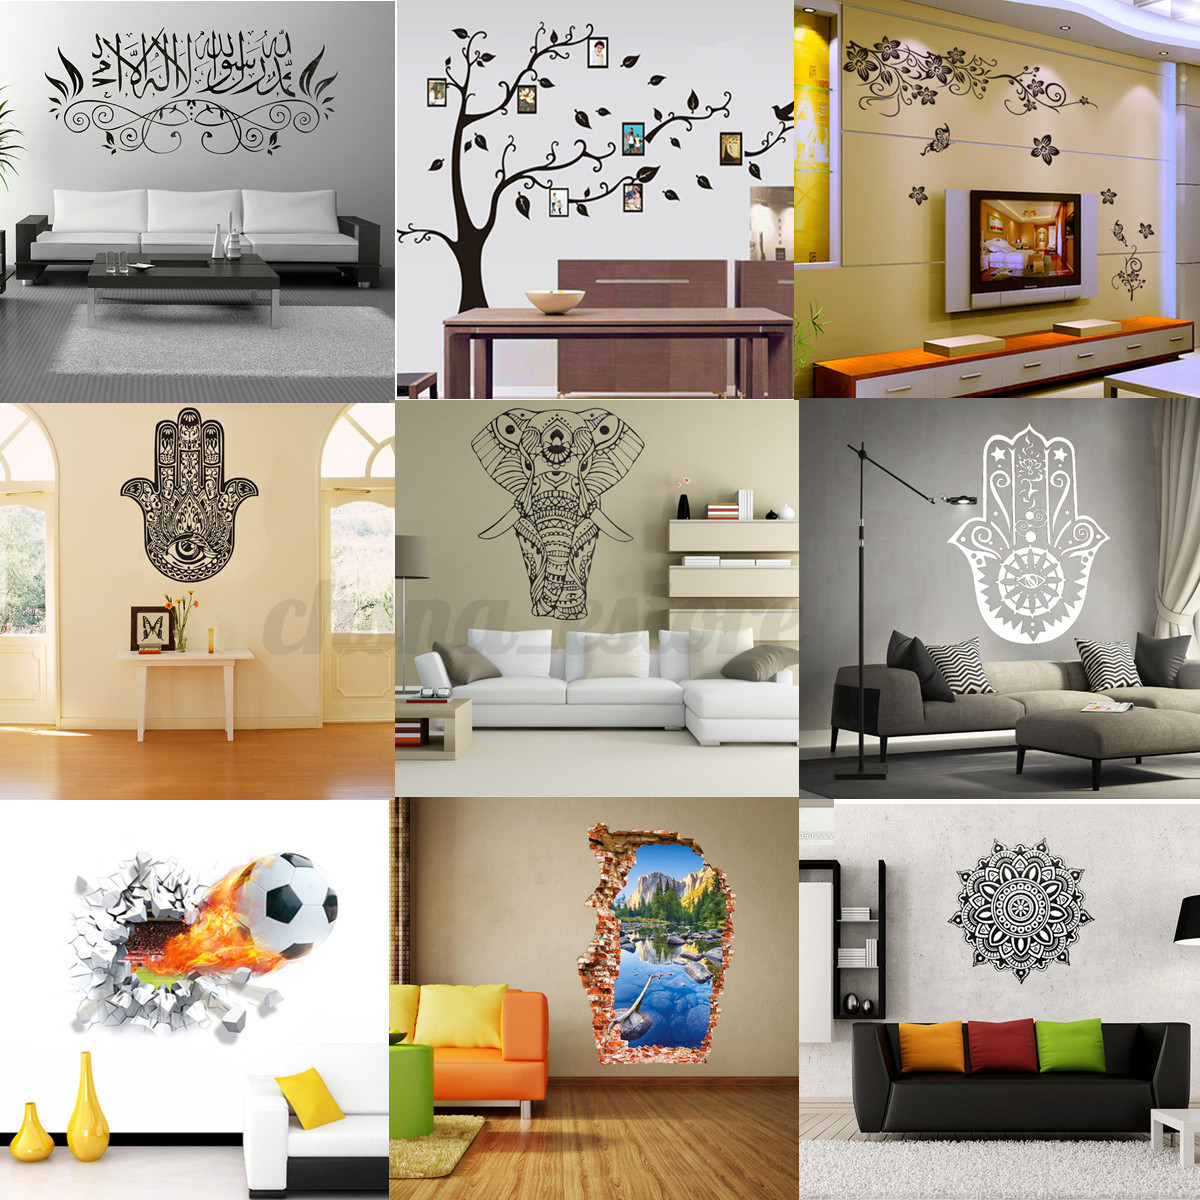 Decoracion hogar free muebles hogar y decoracion la for Decoracion hogar segunda mano